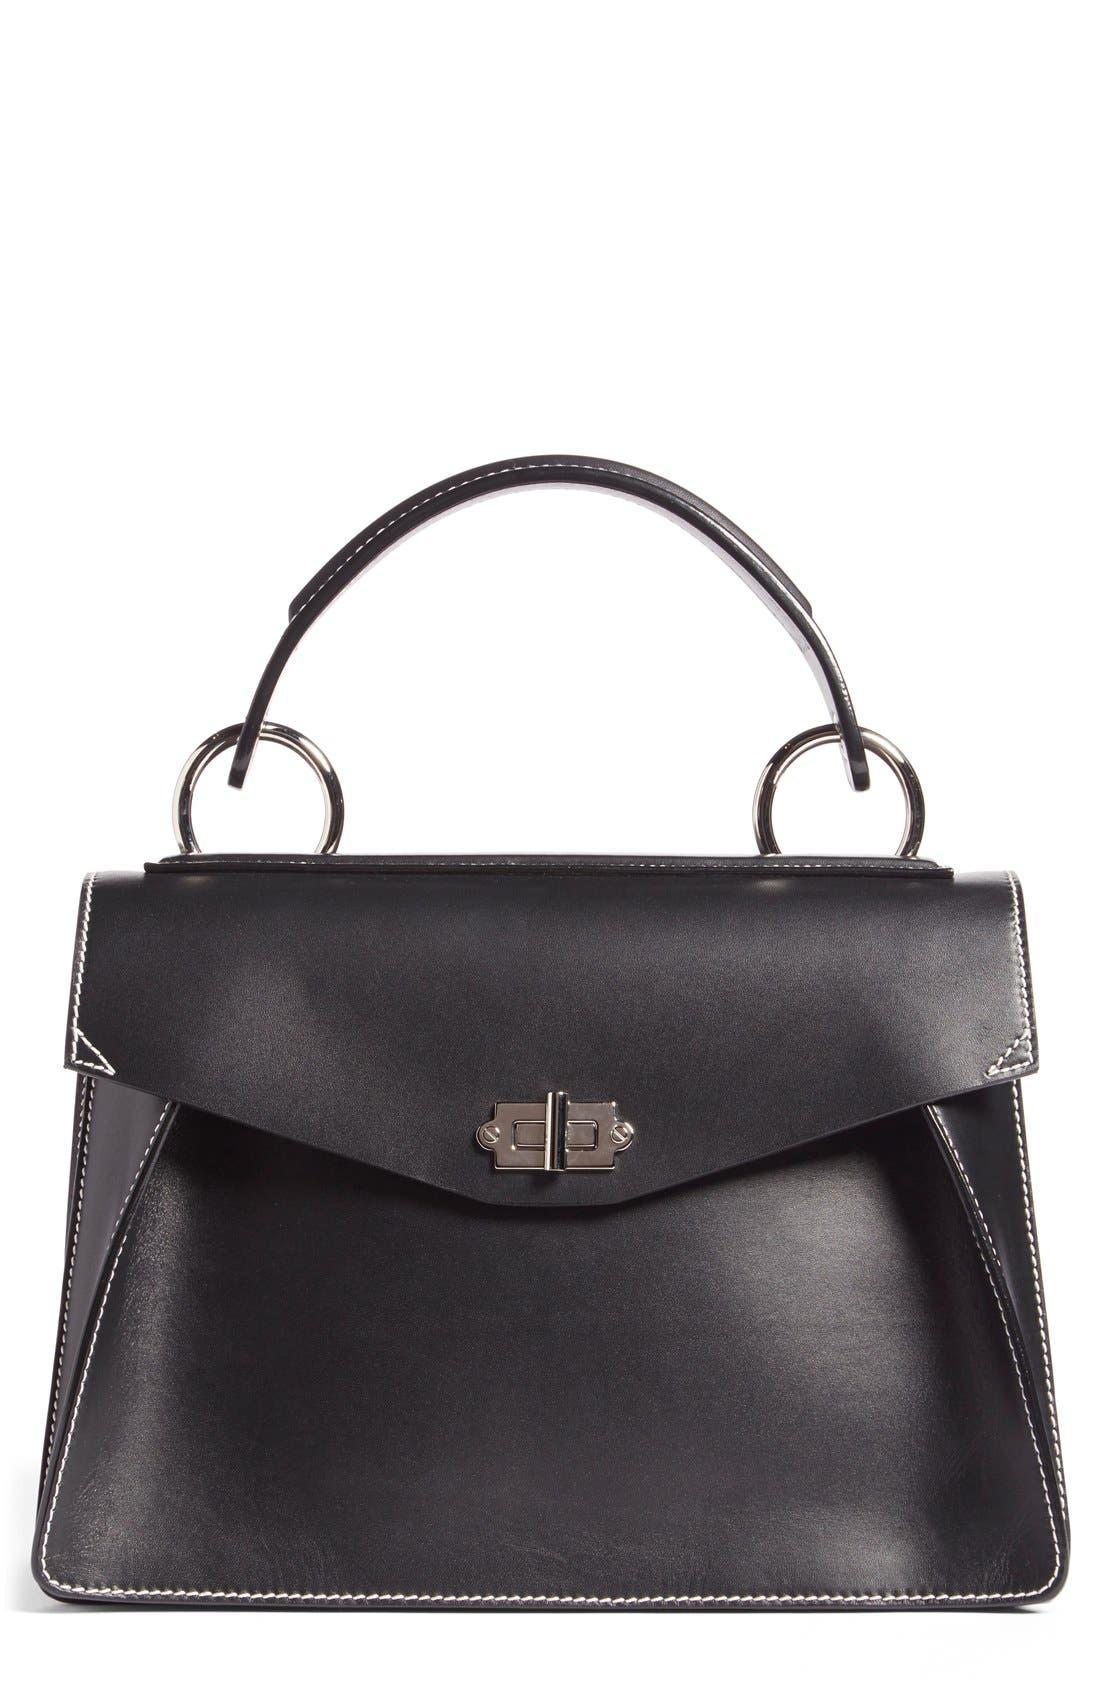 PROENZA SCHOULER 'Medium Hava' Top Handle Calfskin Leather